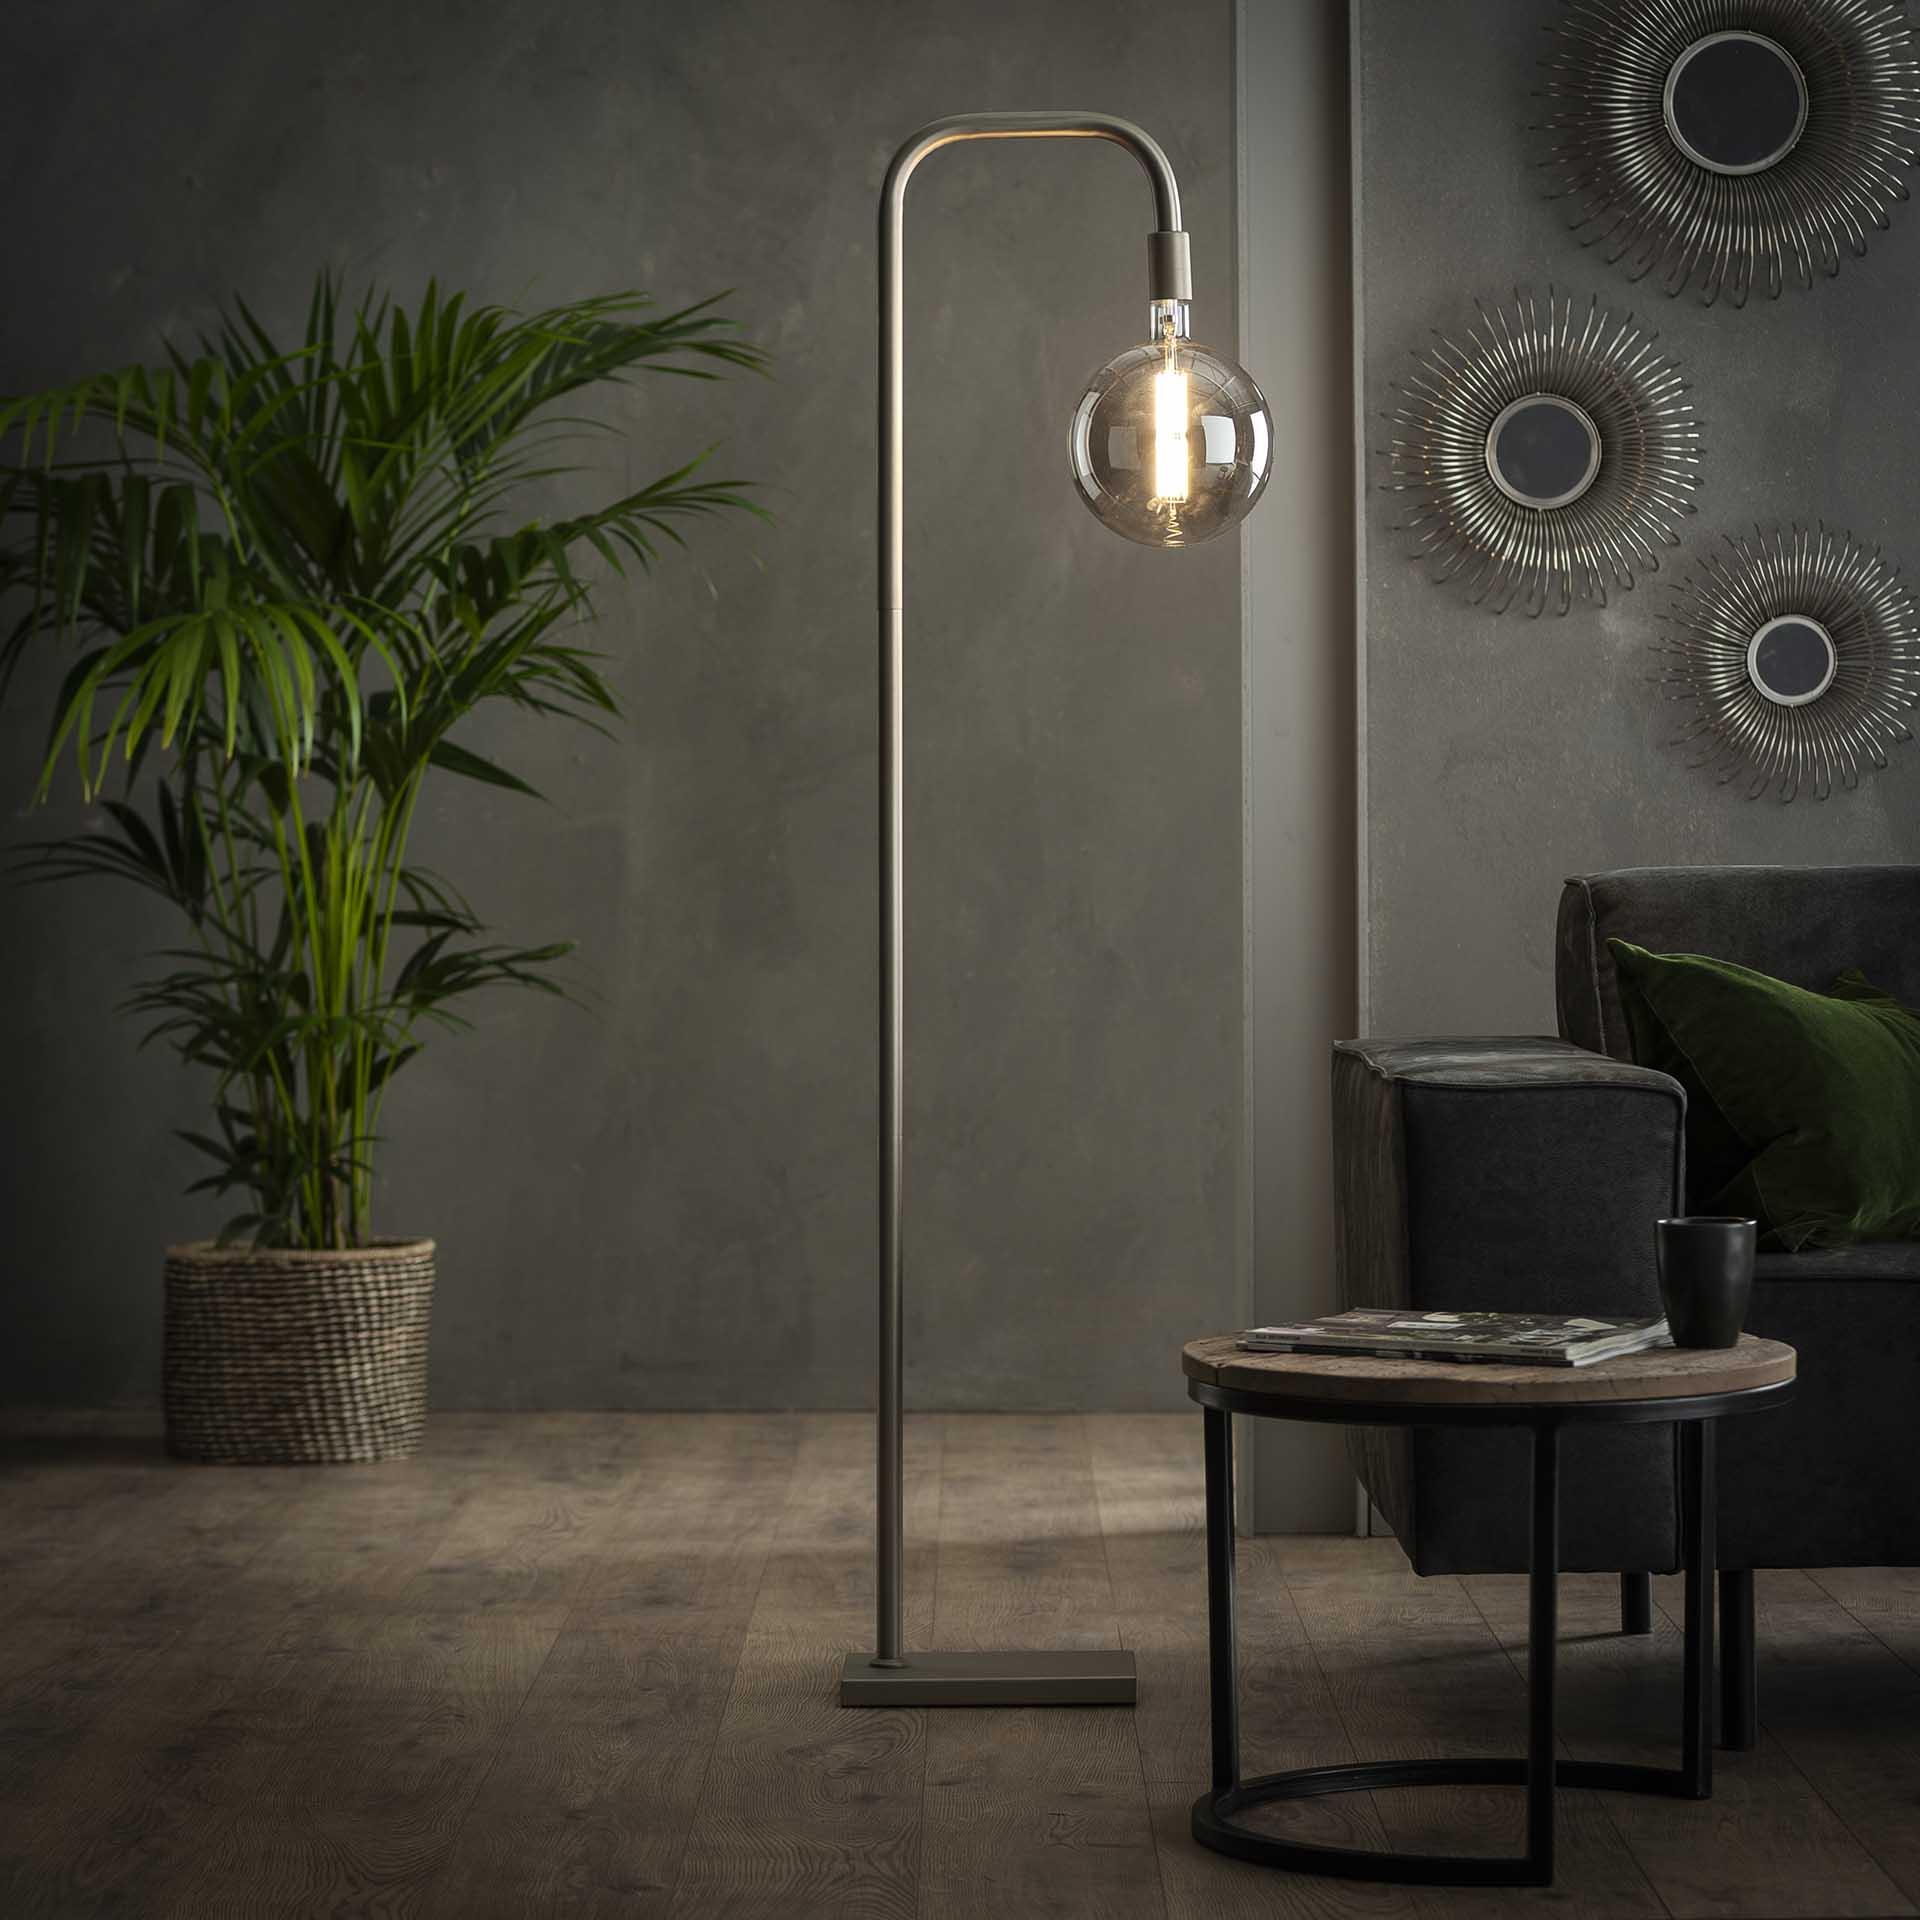 Vloerlamp U-vormige buis - Mat nikkel